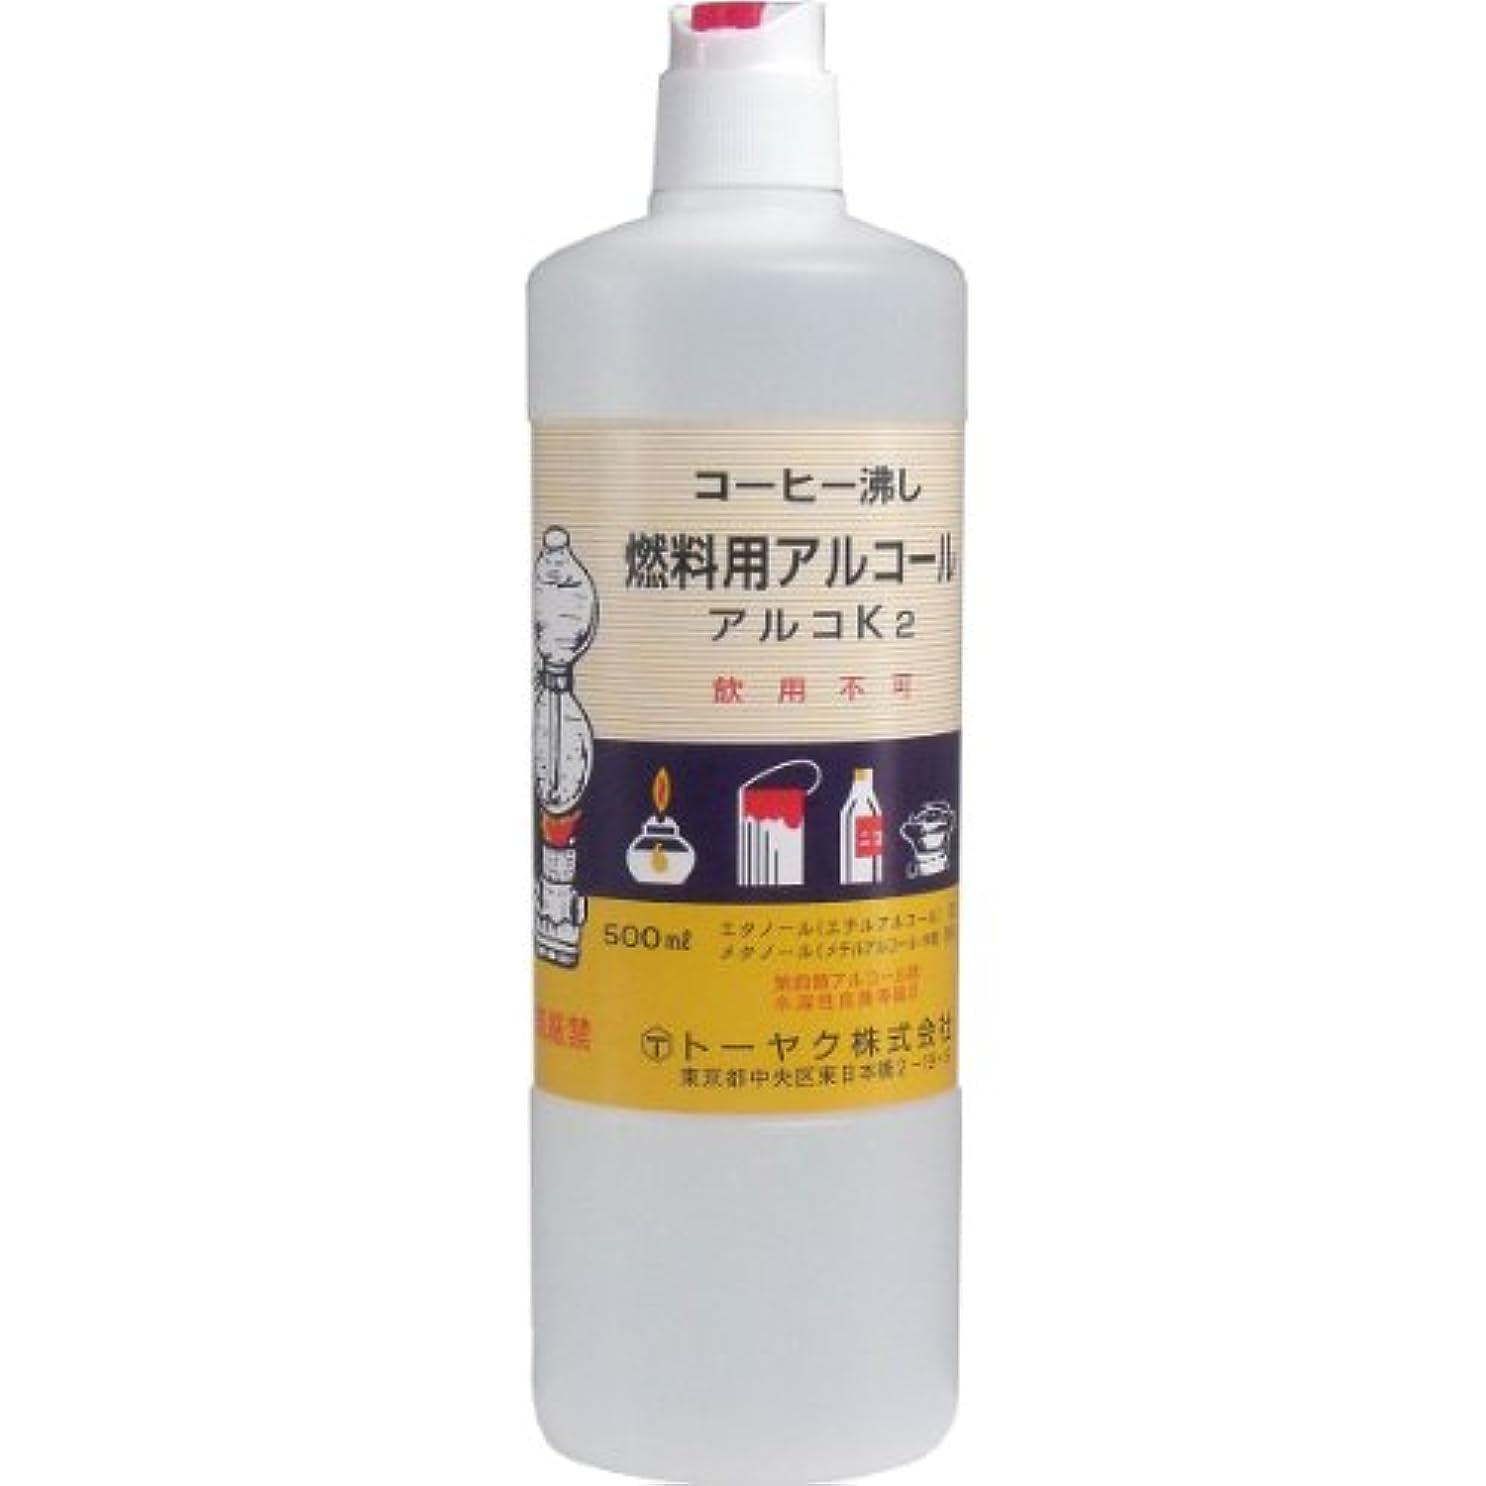 粘液効率的にヒョウ燃料用アルコール アルコK2 ×3個セット